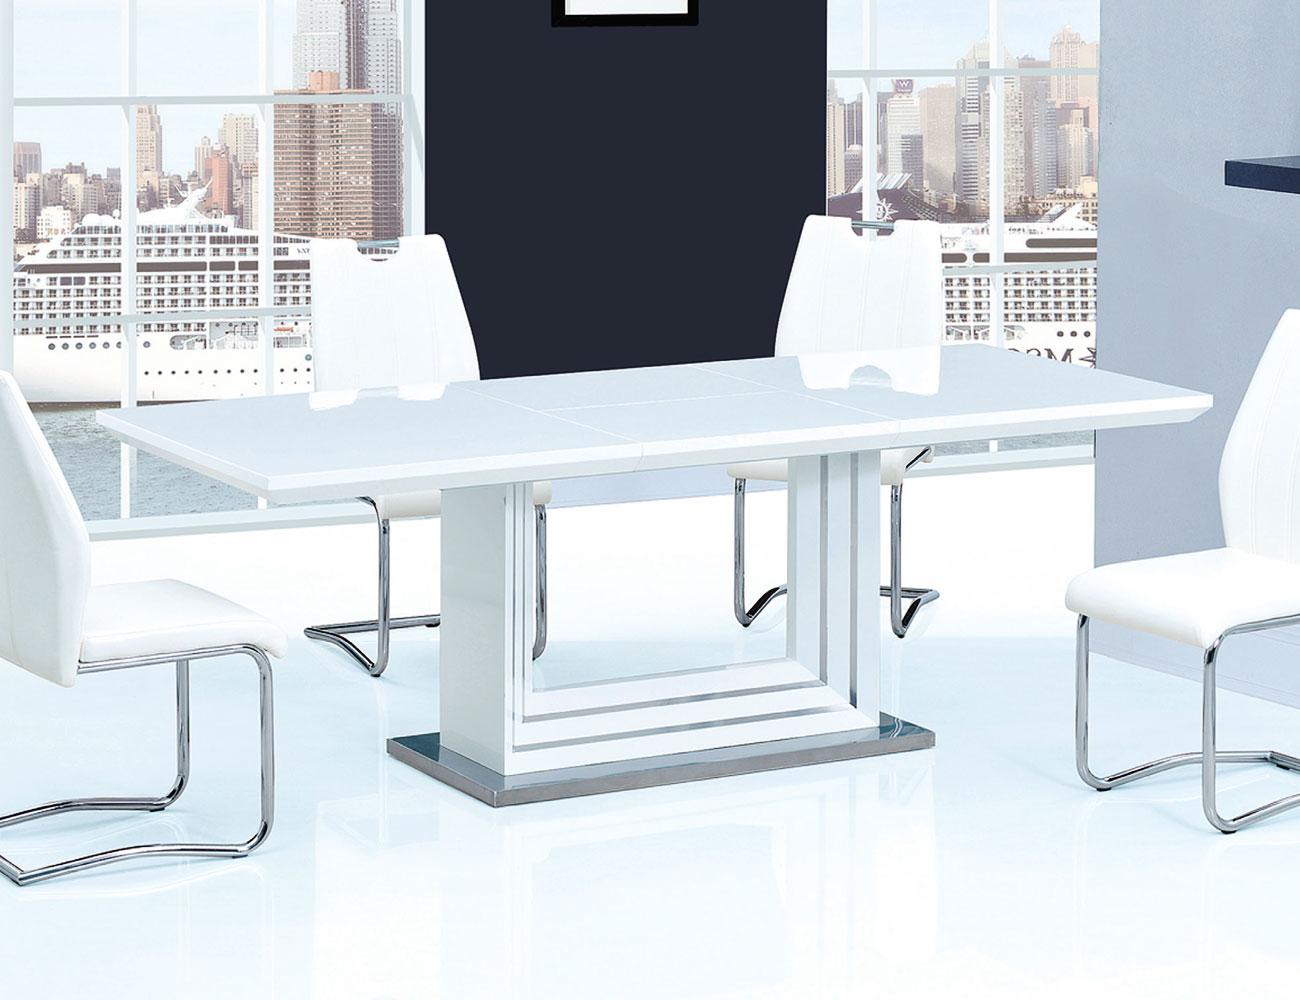 mesa de comedor lacada en blanco alto brillo extensible de